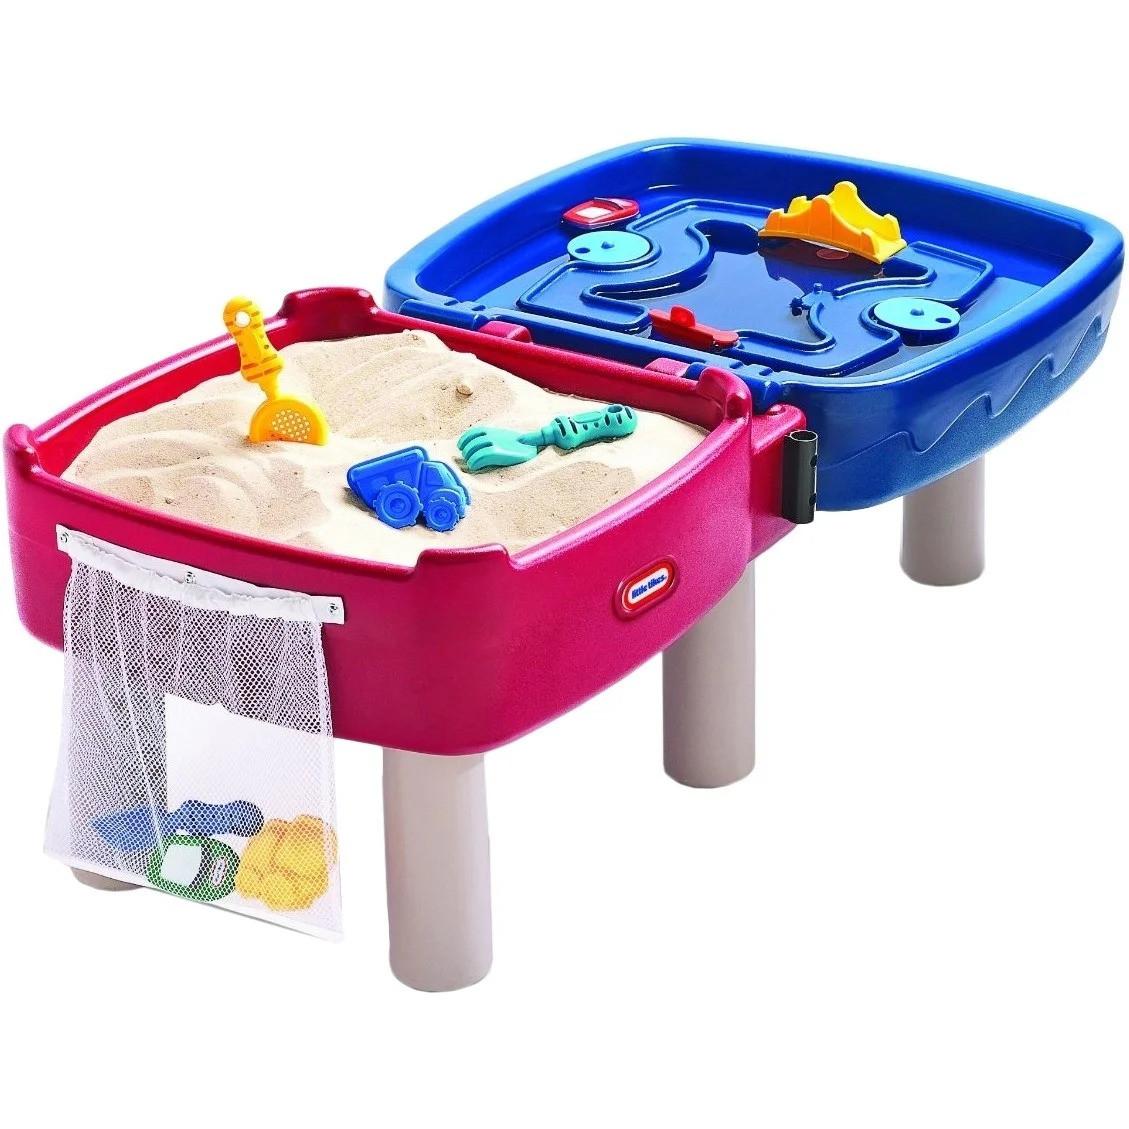 Детский игровой водный столик песочница 2 в 1 Little Tikes 451T для детей